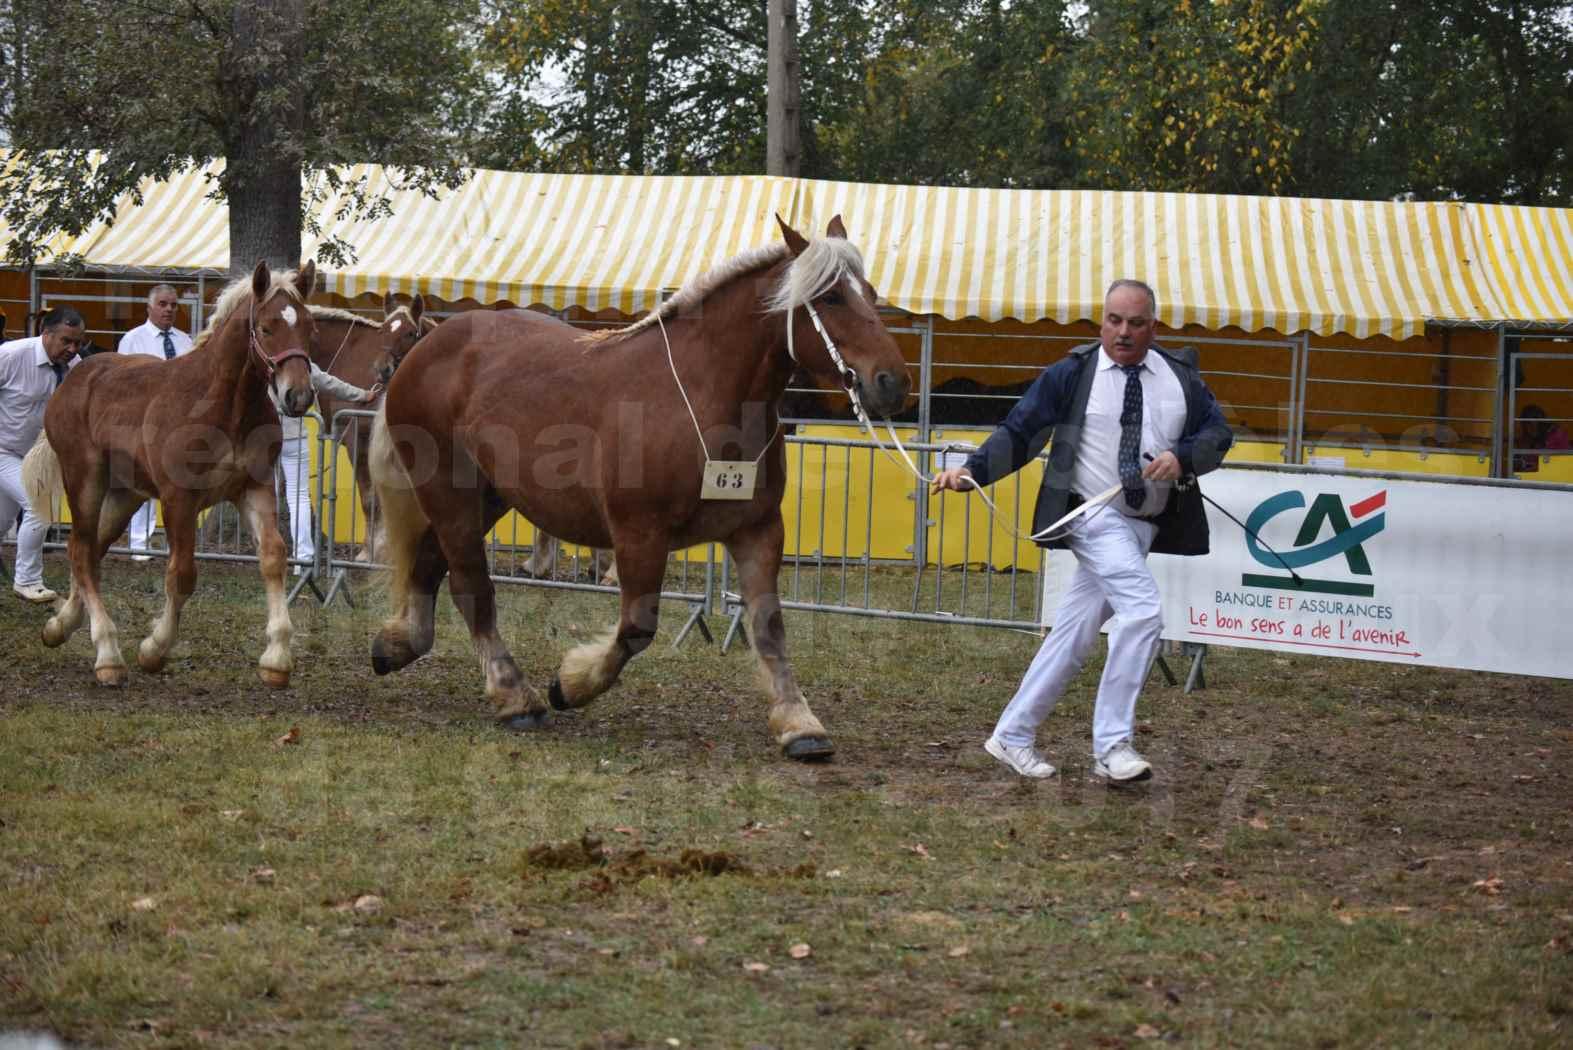 Concours Régional de chevaux de traits en 2017 - Jument Suitée - Trait COMTOIS - TOSCANE DE GIOUX - 10